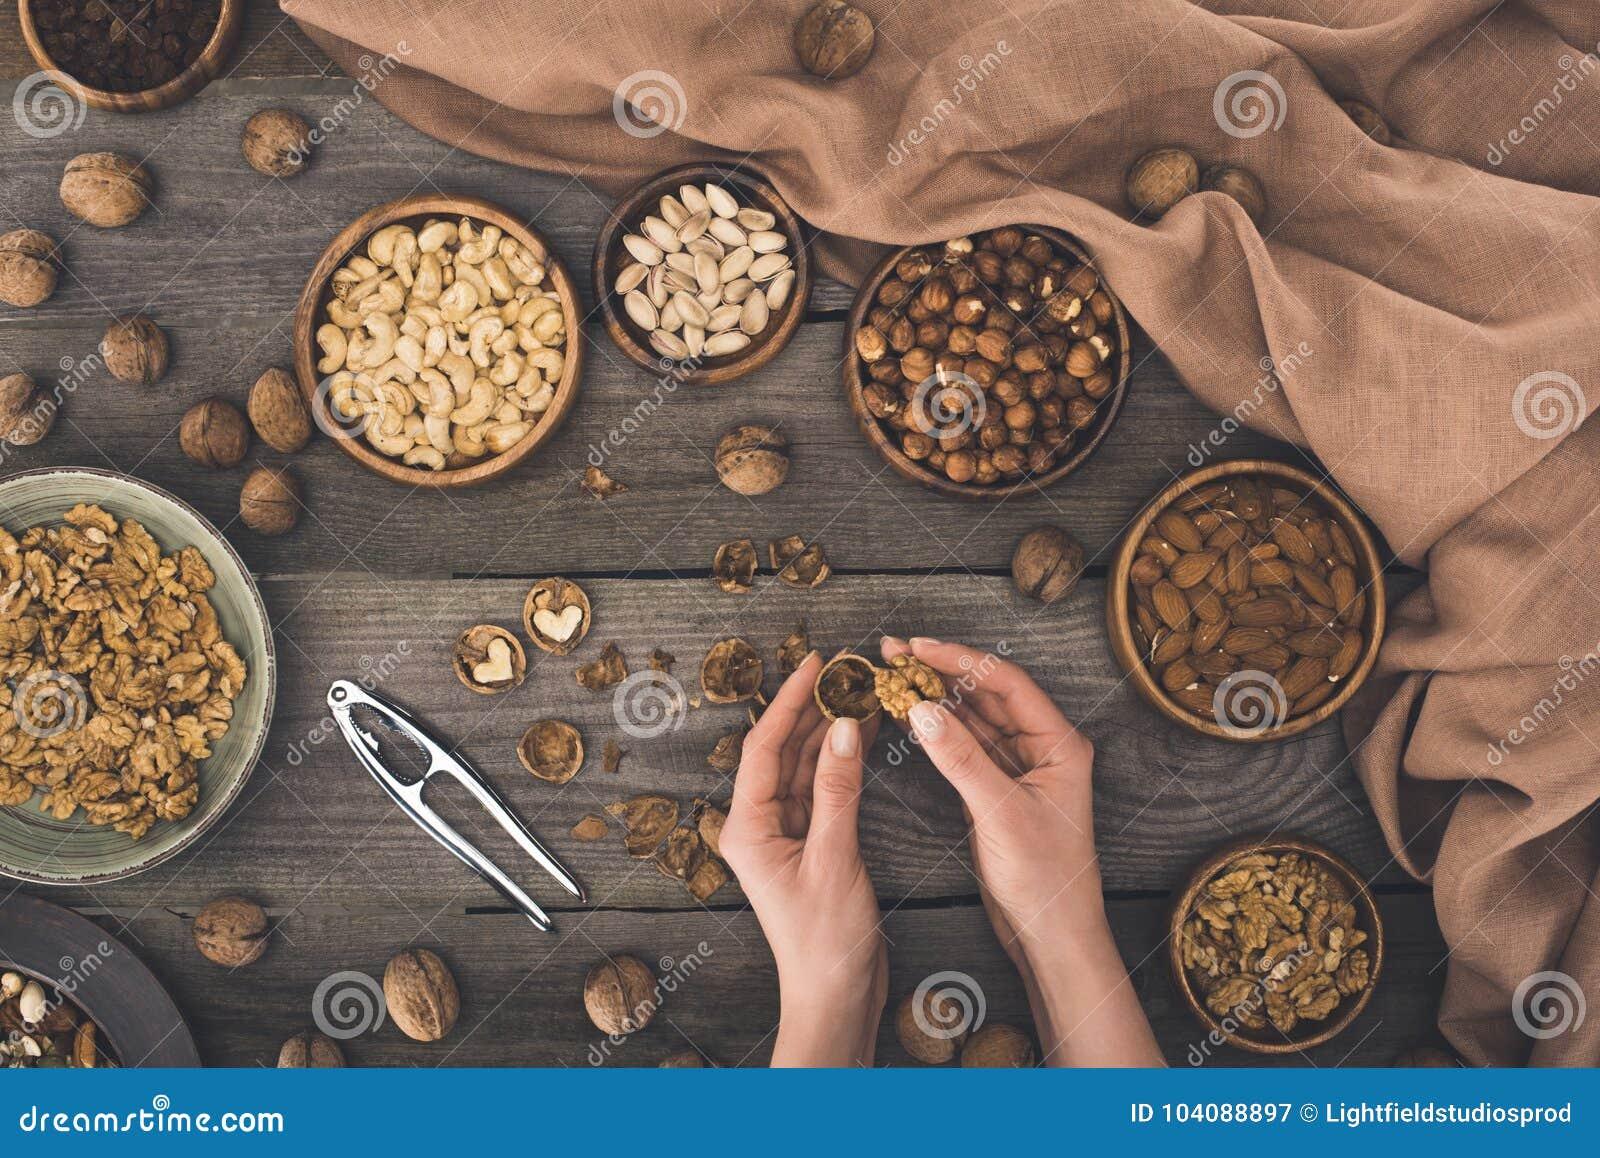 Грецкий орех персоны треская